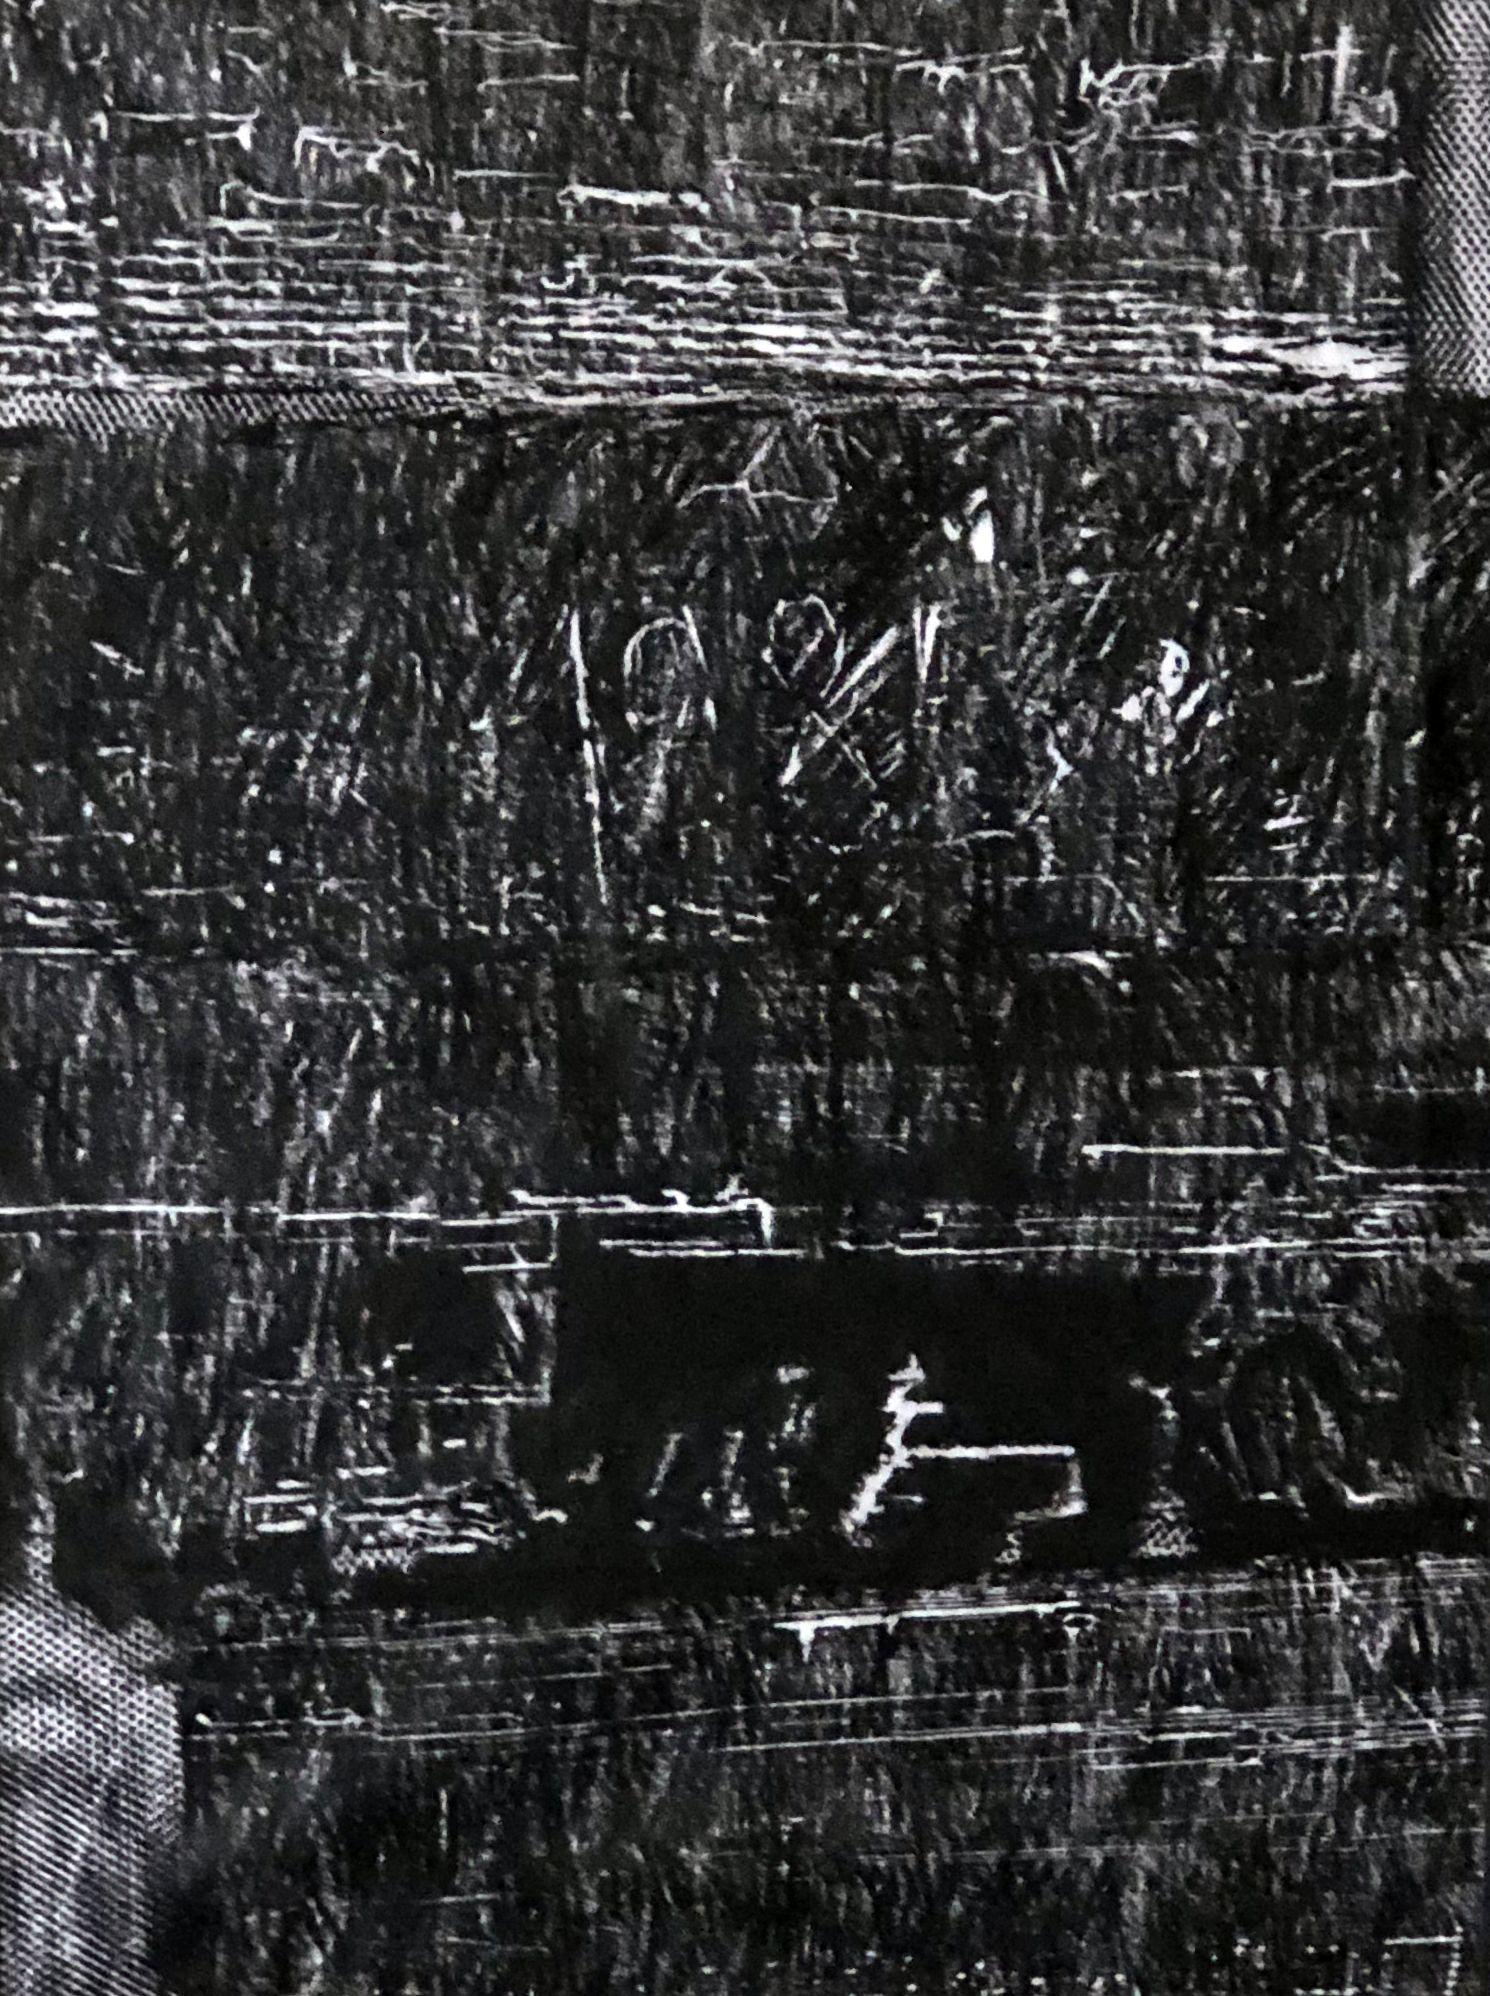 1985 IM MÜNSTER FRAUENWÖRTH      Mischtechnik auf Papier - 40 x 32 cm